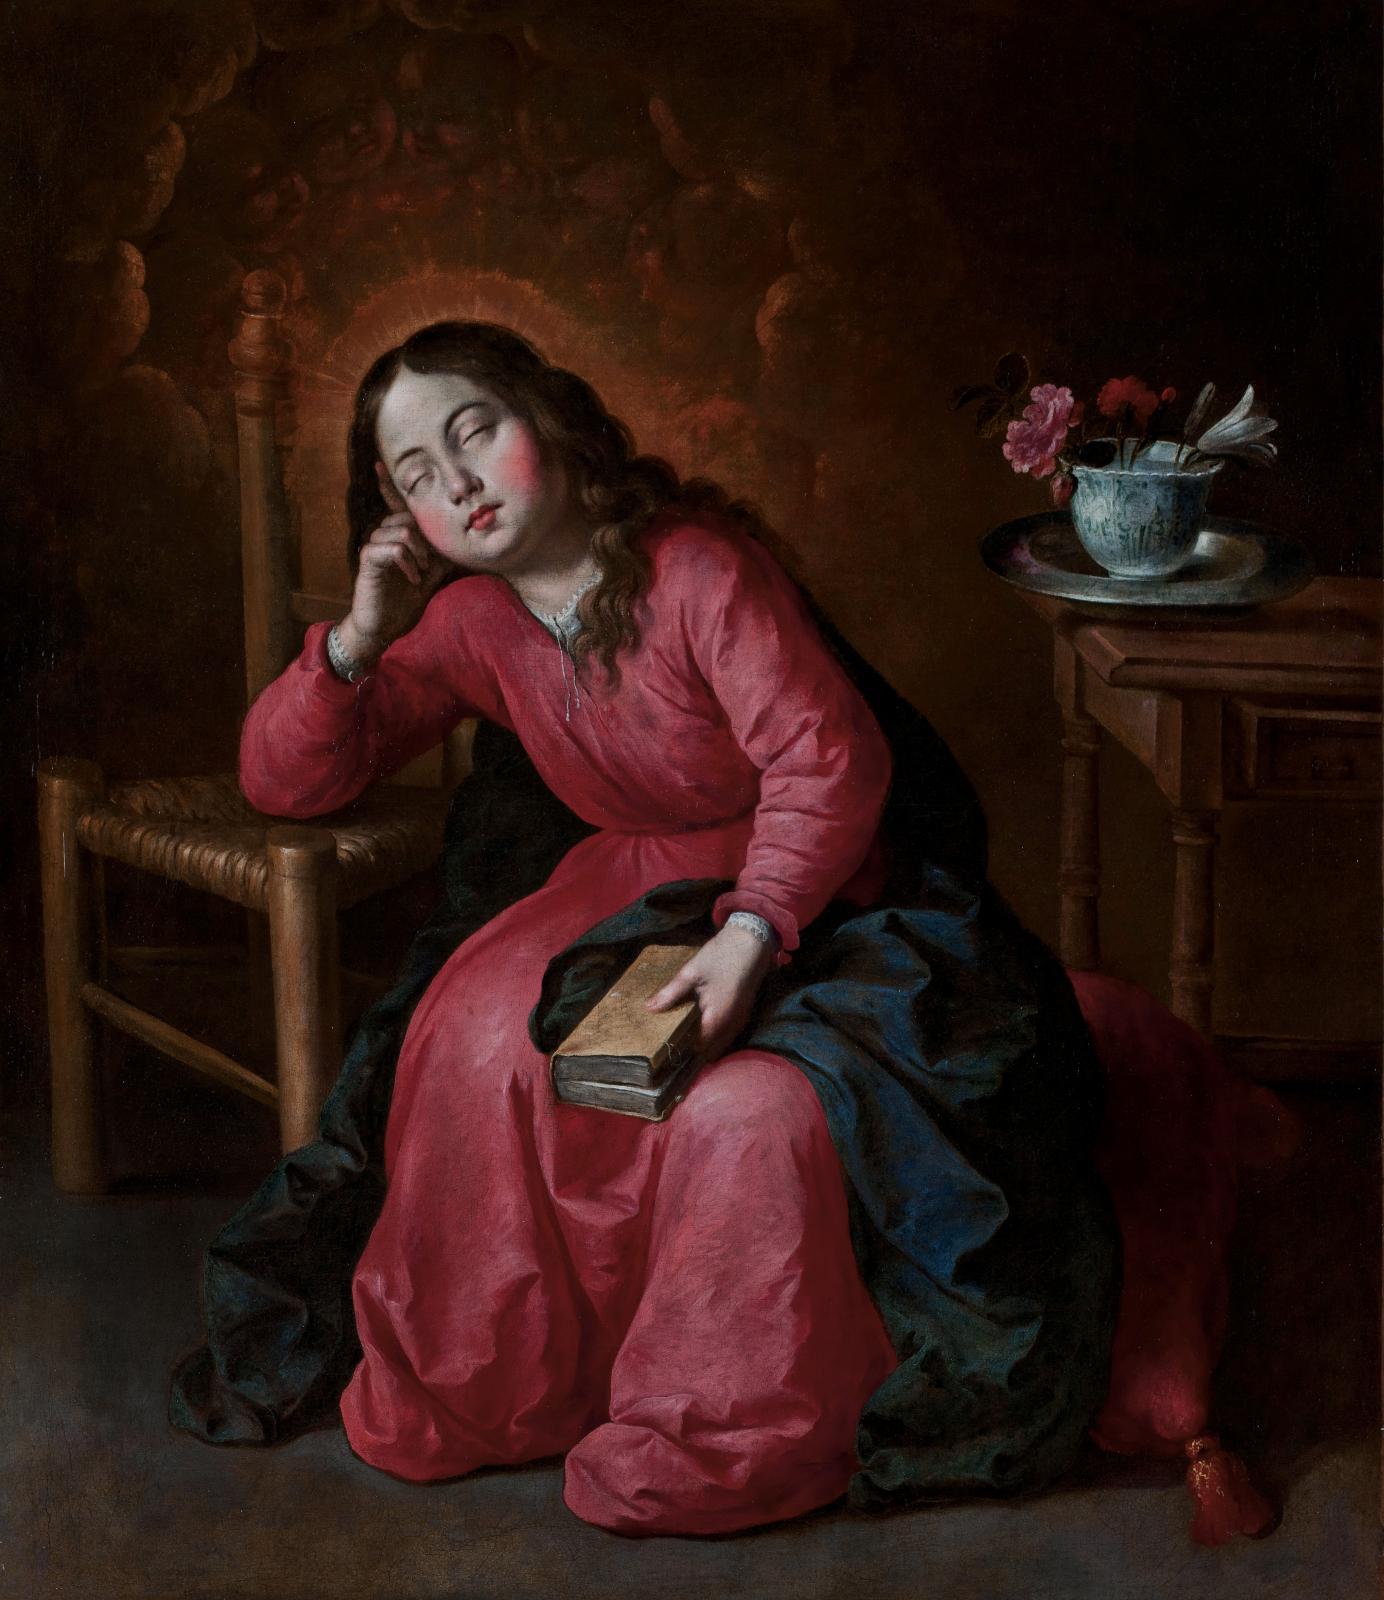 Francisco de Zurbarán (1598-1664), La Vierge enfant endormie, huile sur toile, 103x90cm (détail). Galerie Canesso. Photo Galerie Canesso